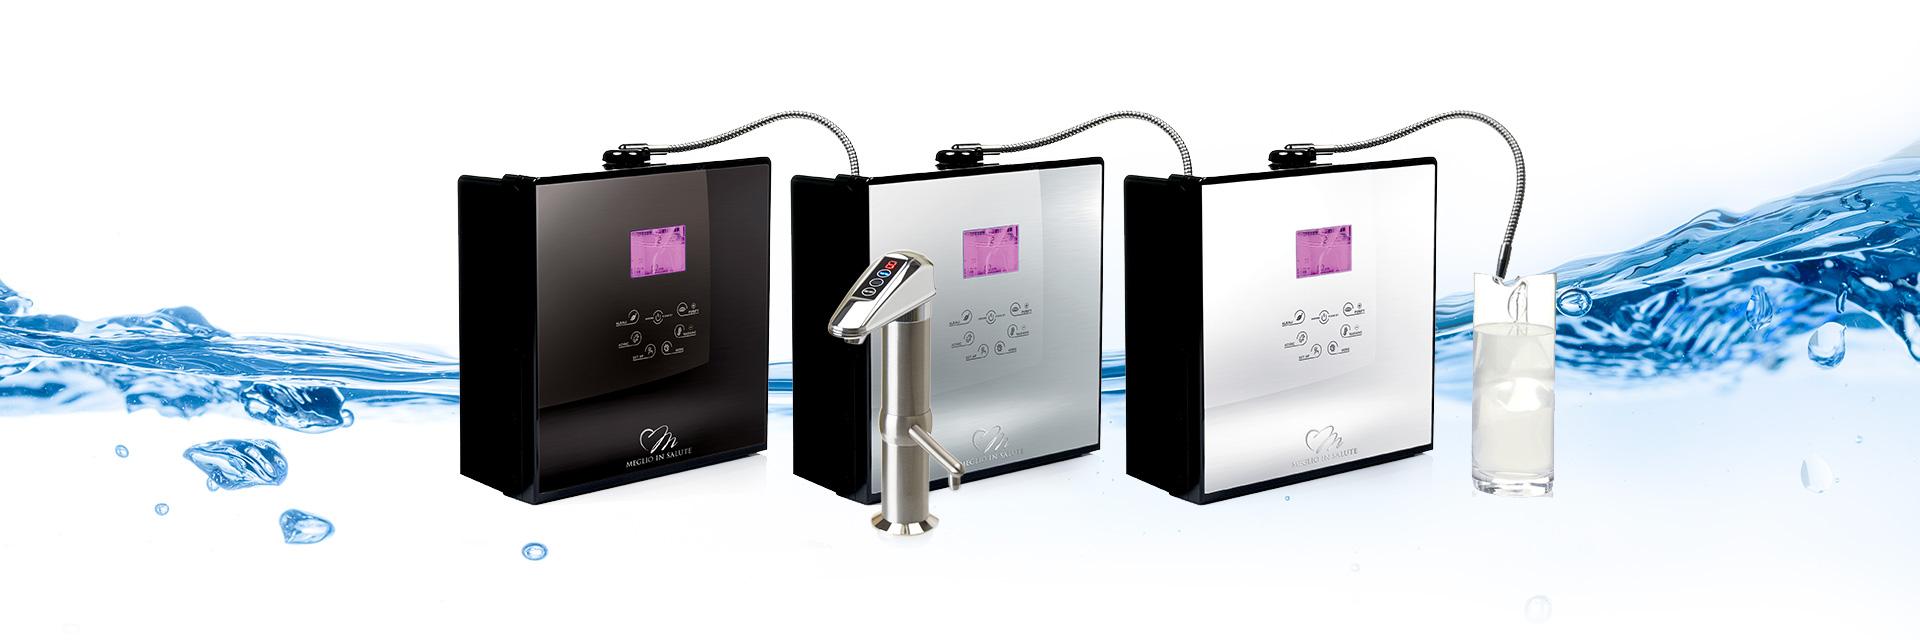 ionizzatori-acqua-alcalina-meglio-in-salute-provali-subito